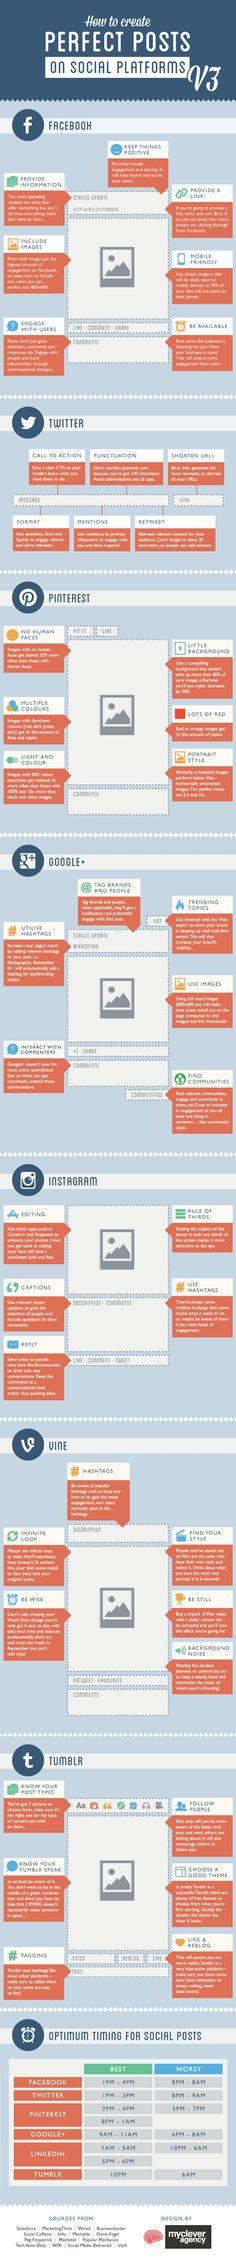 Des conseils pour vos publications Facebook, Twitter, Google+, Instagram, Pinterest et Vine